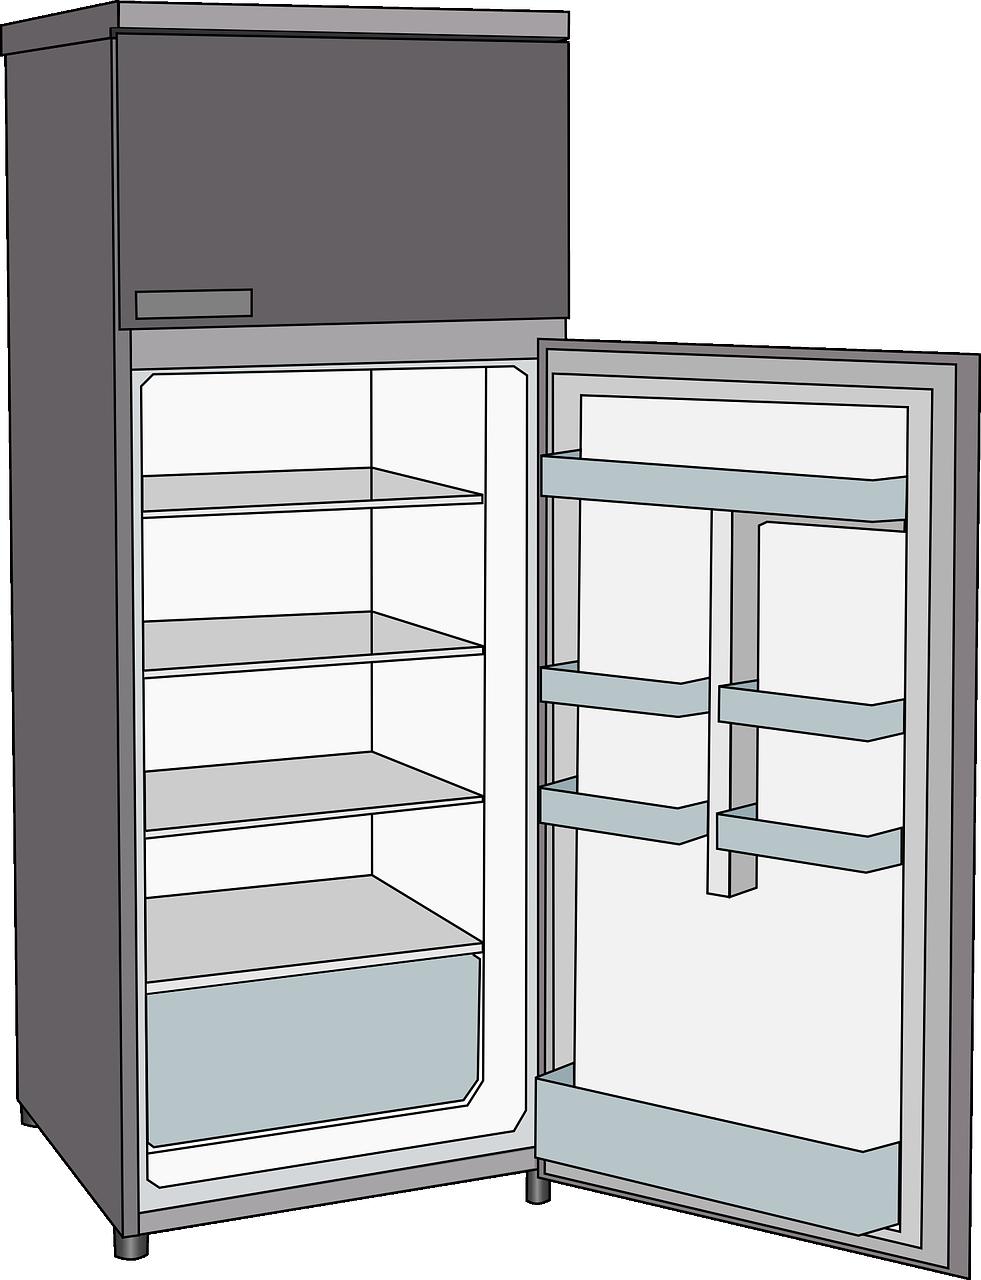 Ремонт холодильників бізнес ідеї